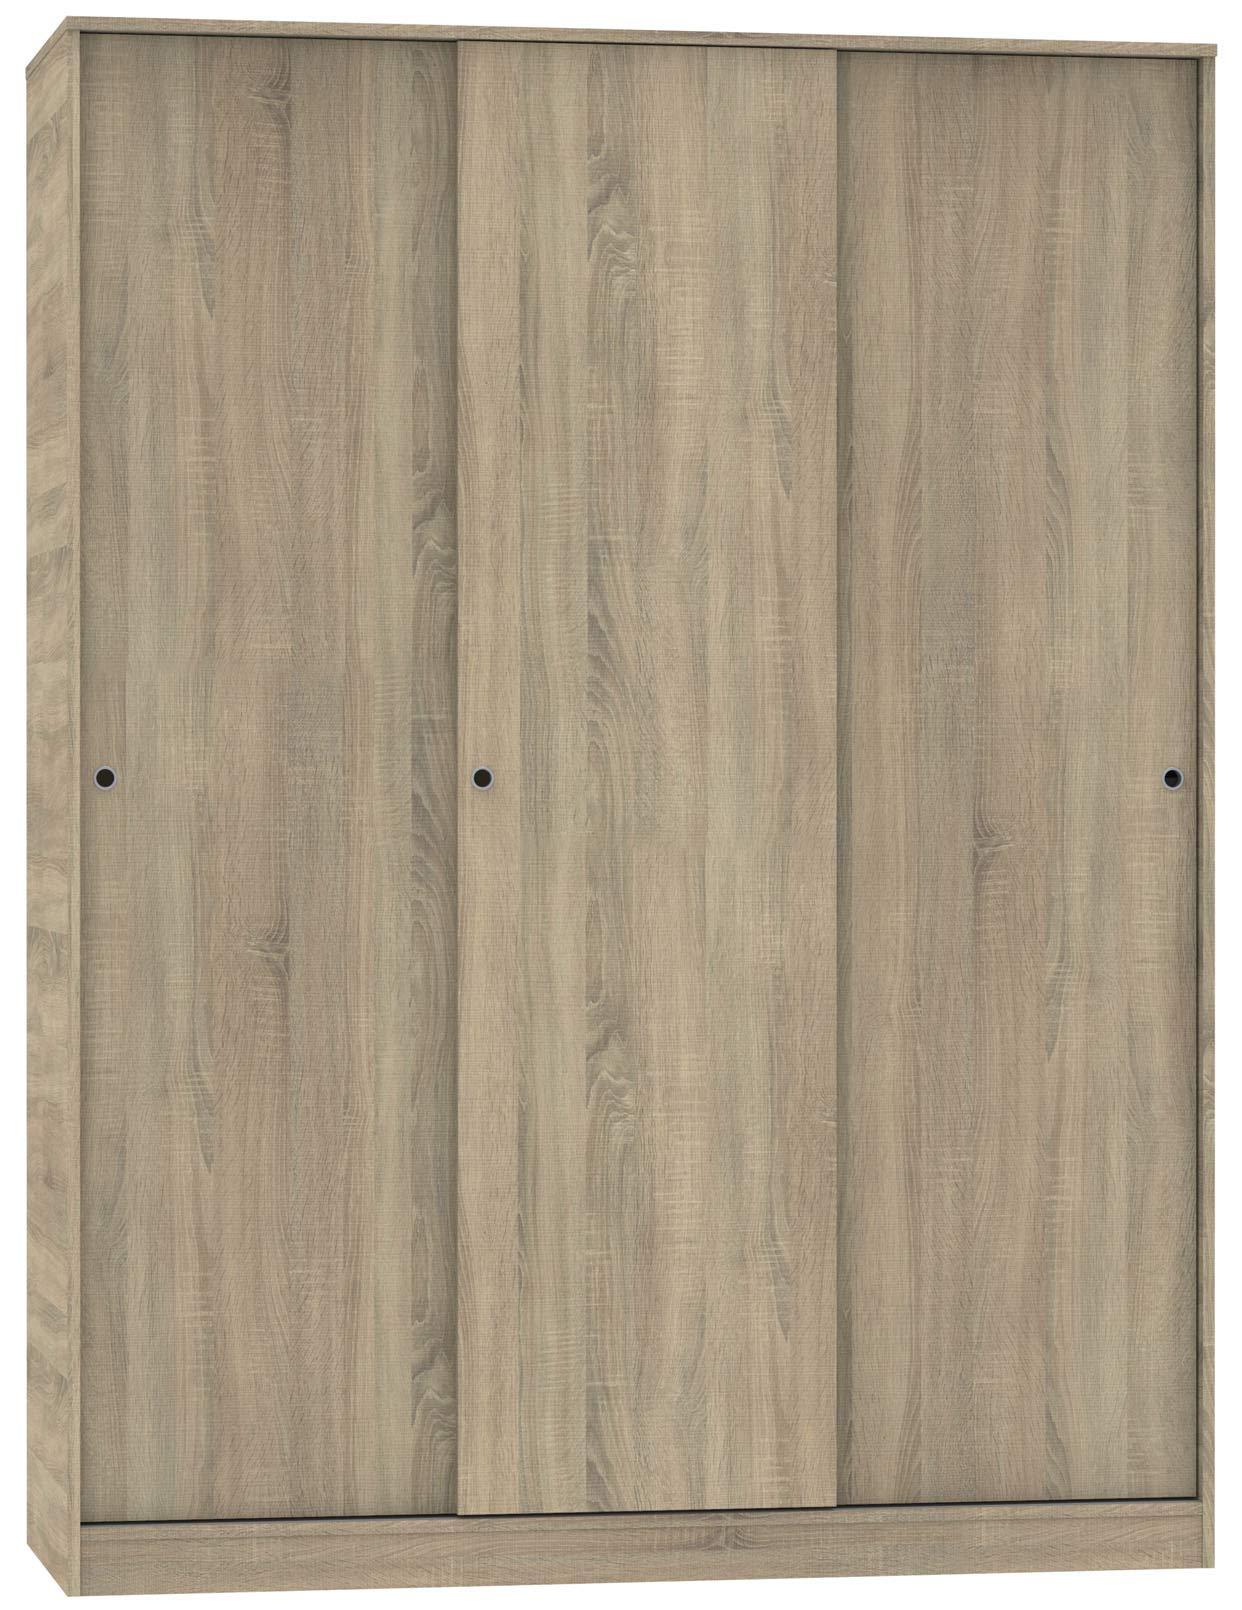 Armario vestidor ropero 3 Puertas Tibet Cambrian habitación Matrimonio Juvenil Dormitorio 200x150x55 cm: Amazon.es: Hogar